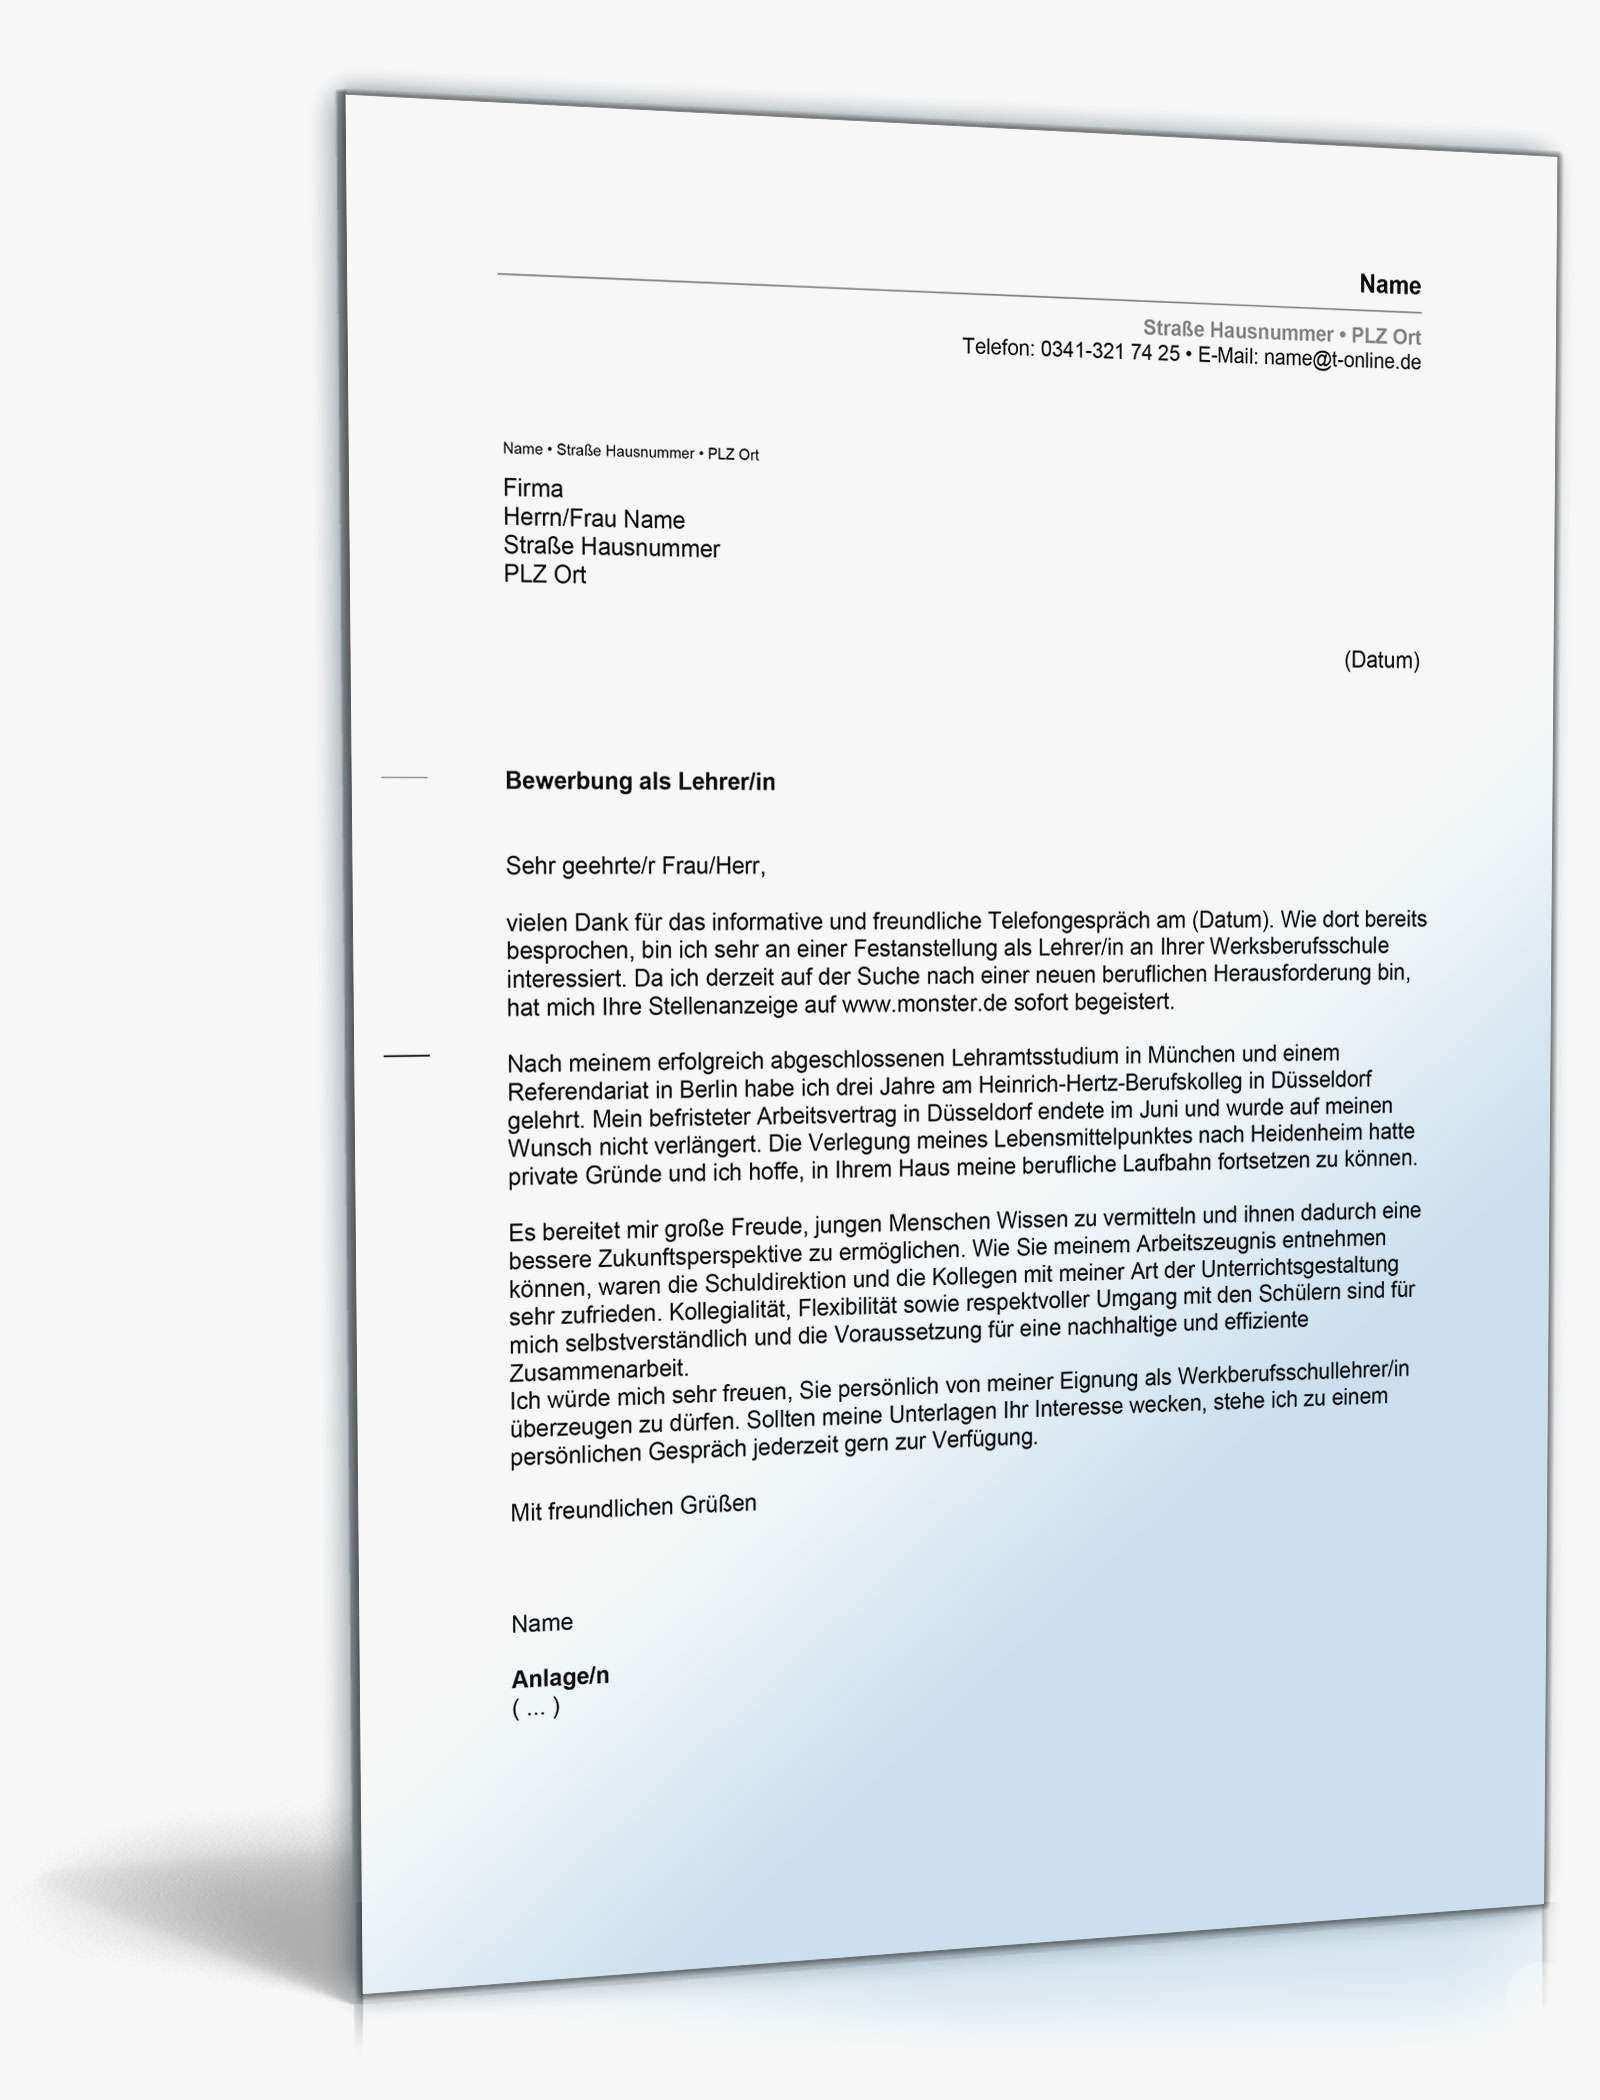 Einzigartig Bewerbung Als Hausmeister Quereinsteiger Briefprobe